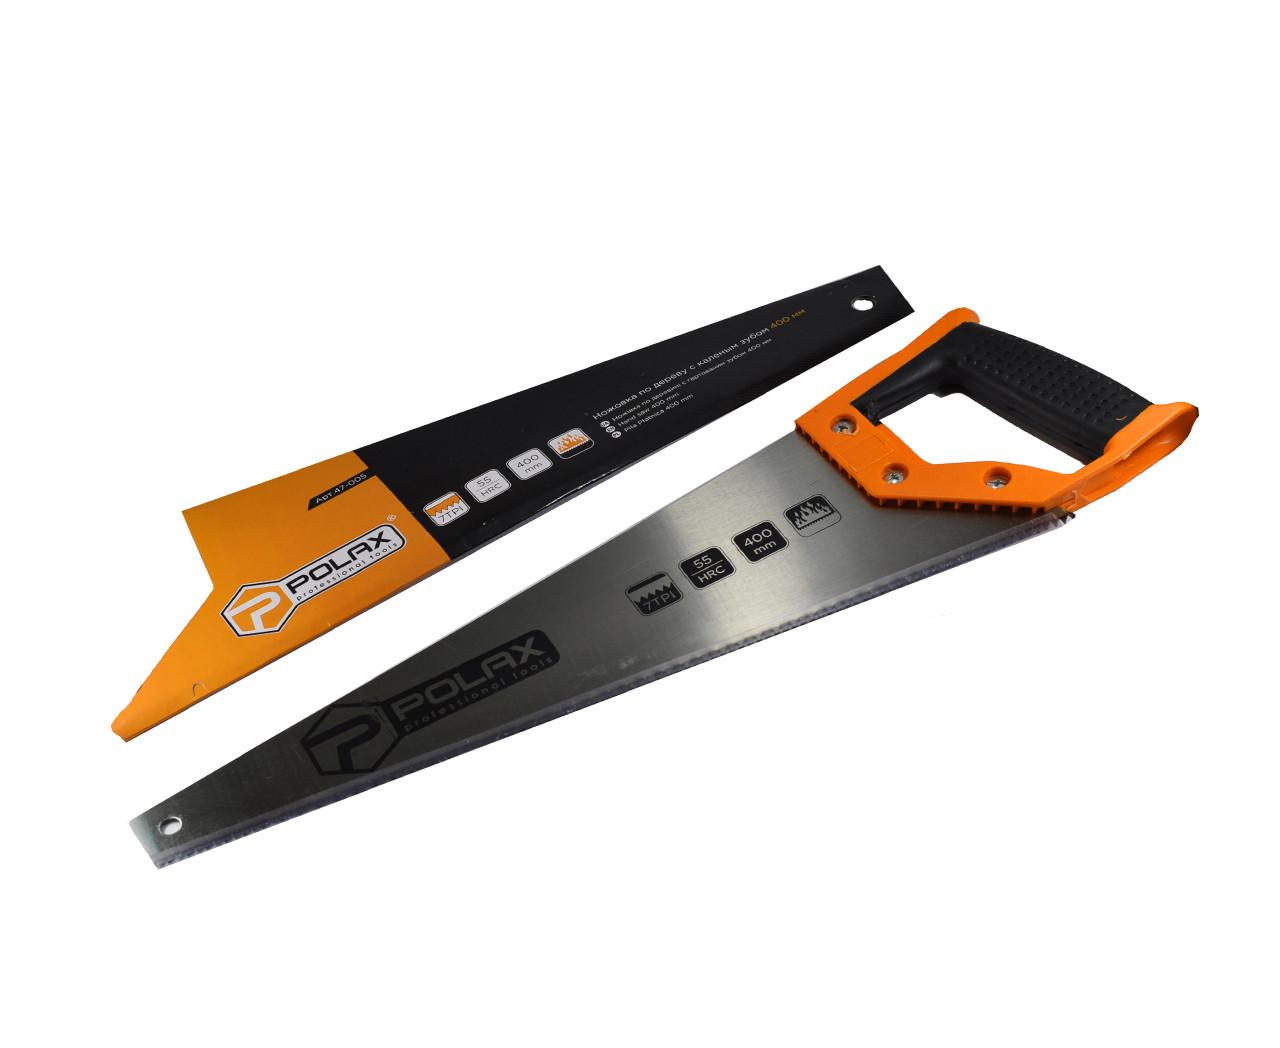 Ножовка по дереву Polax с каленым зубом 400 мм 55 HRC (47-005)